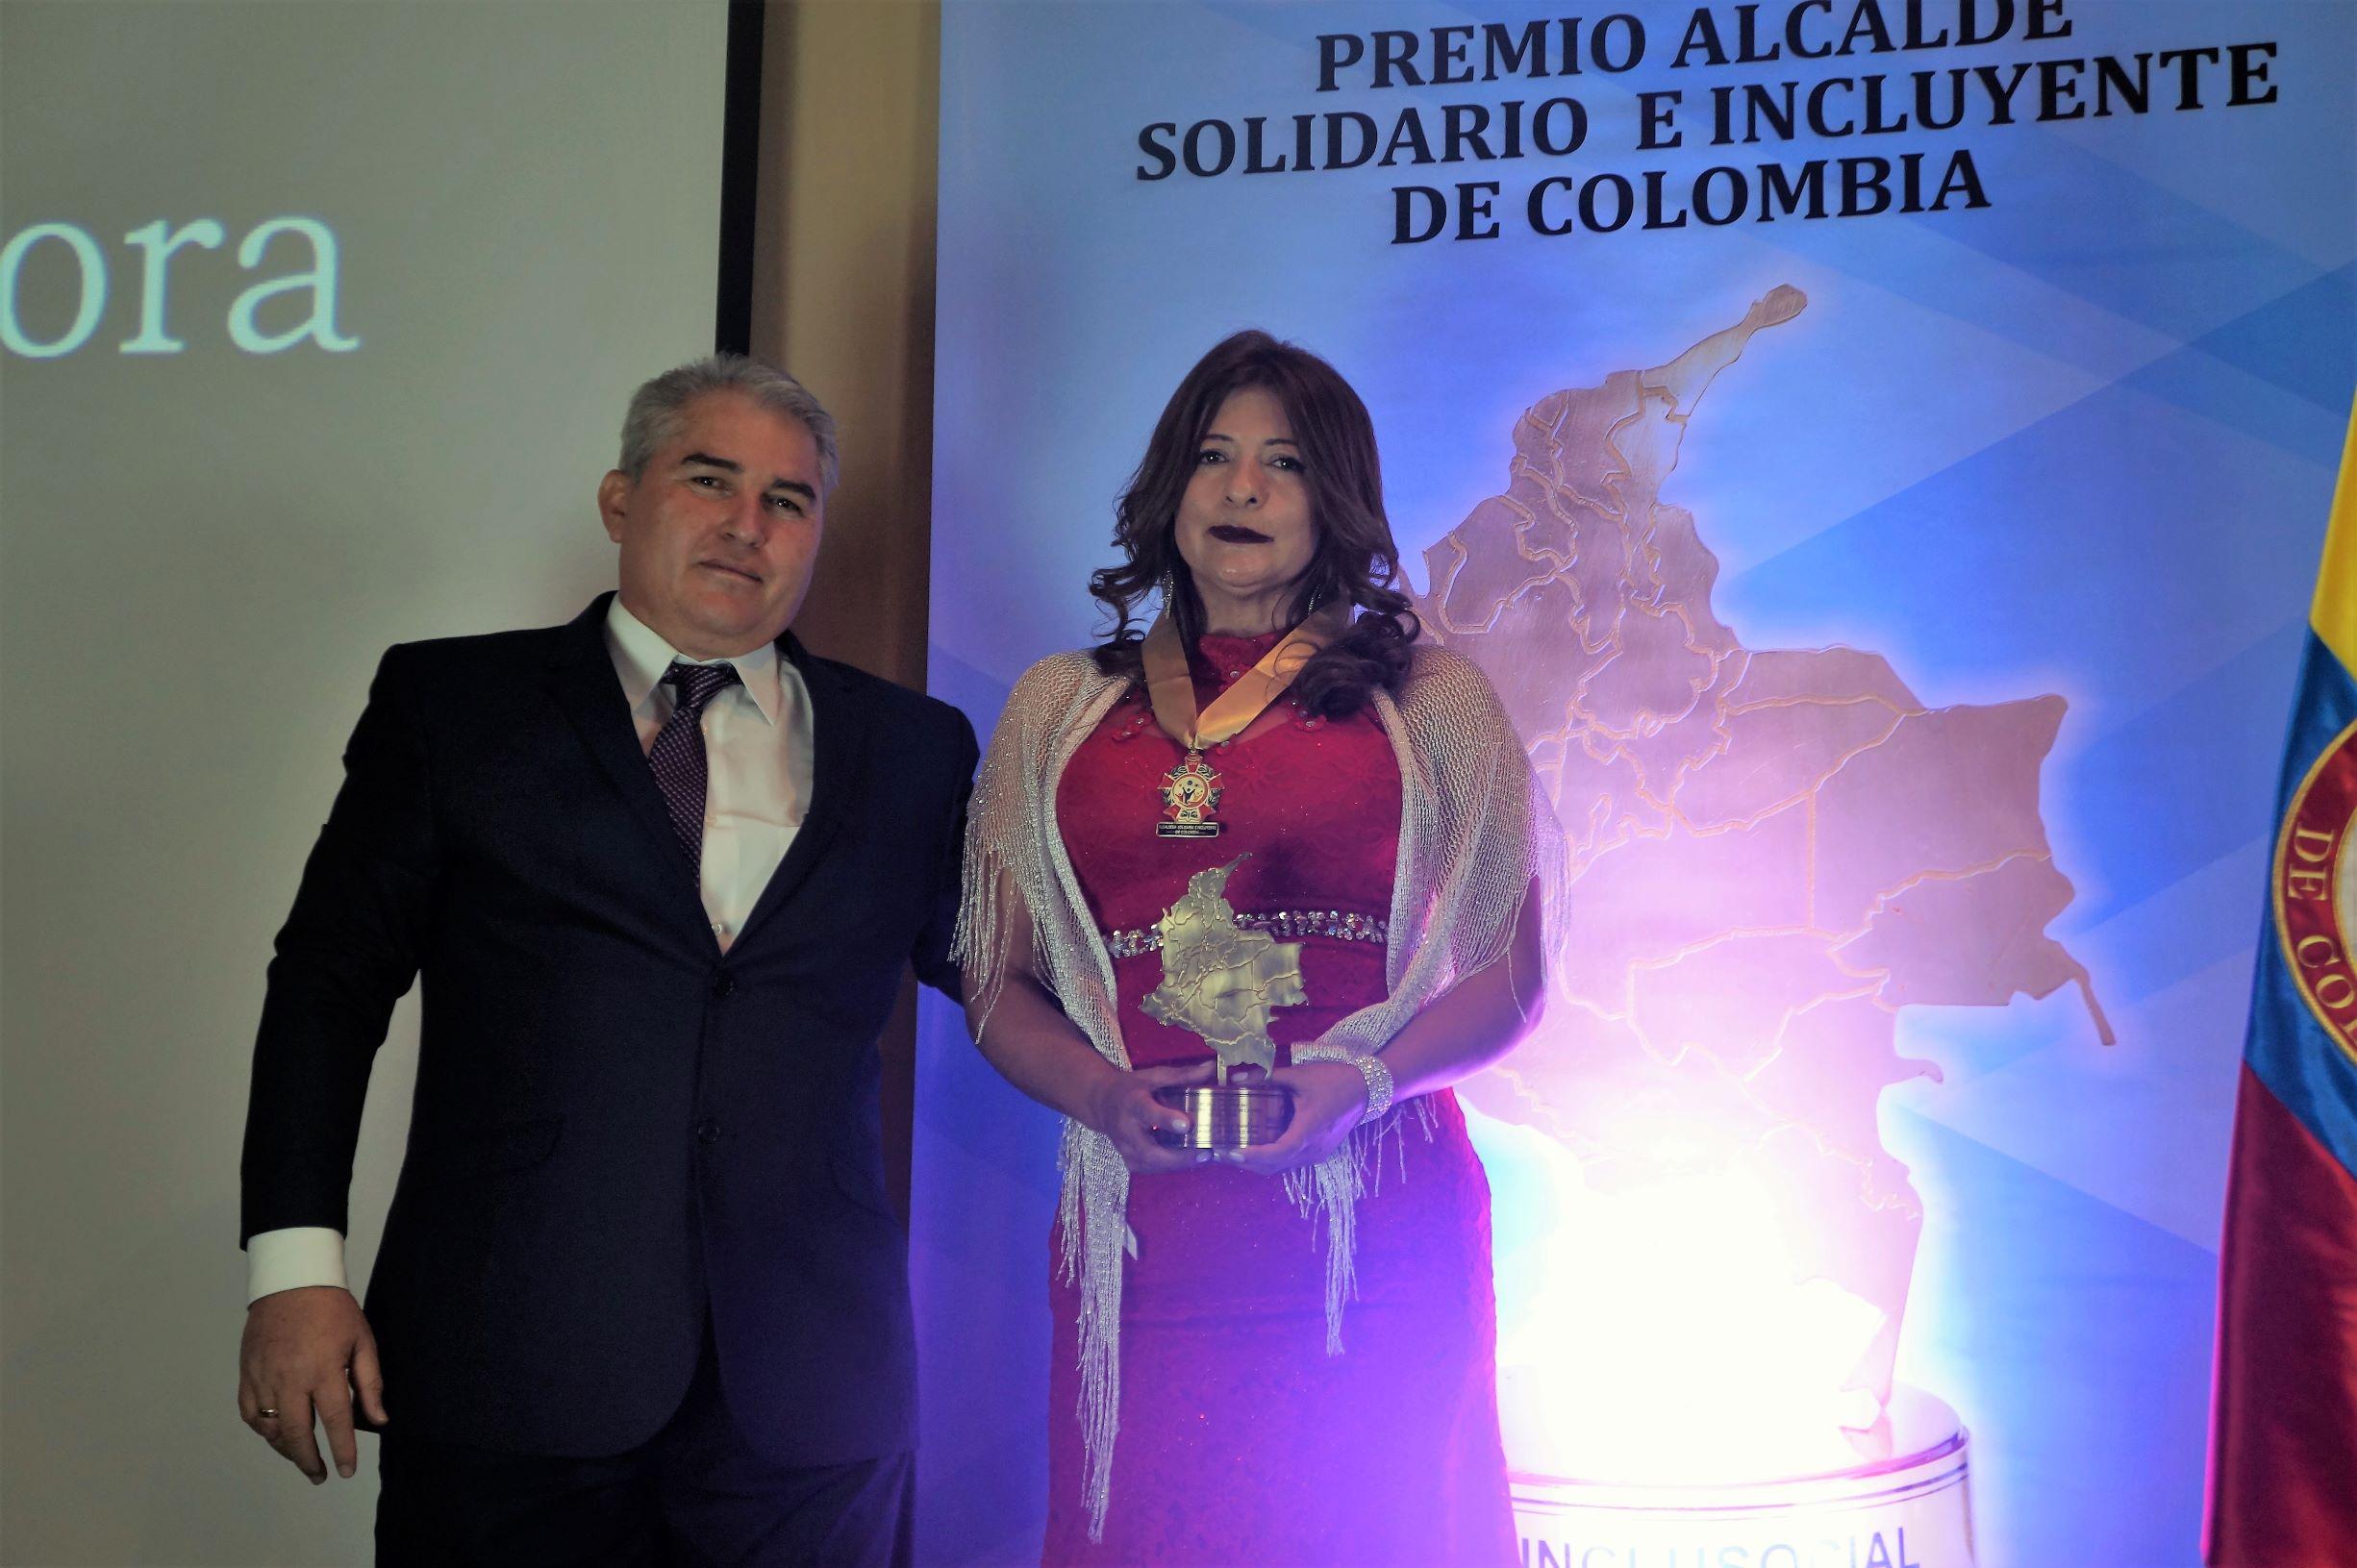 Jaqueline Castillo Mora recibió el premio «Alcaldesa Solidaria e Incluyente de Colombia 2019»